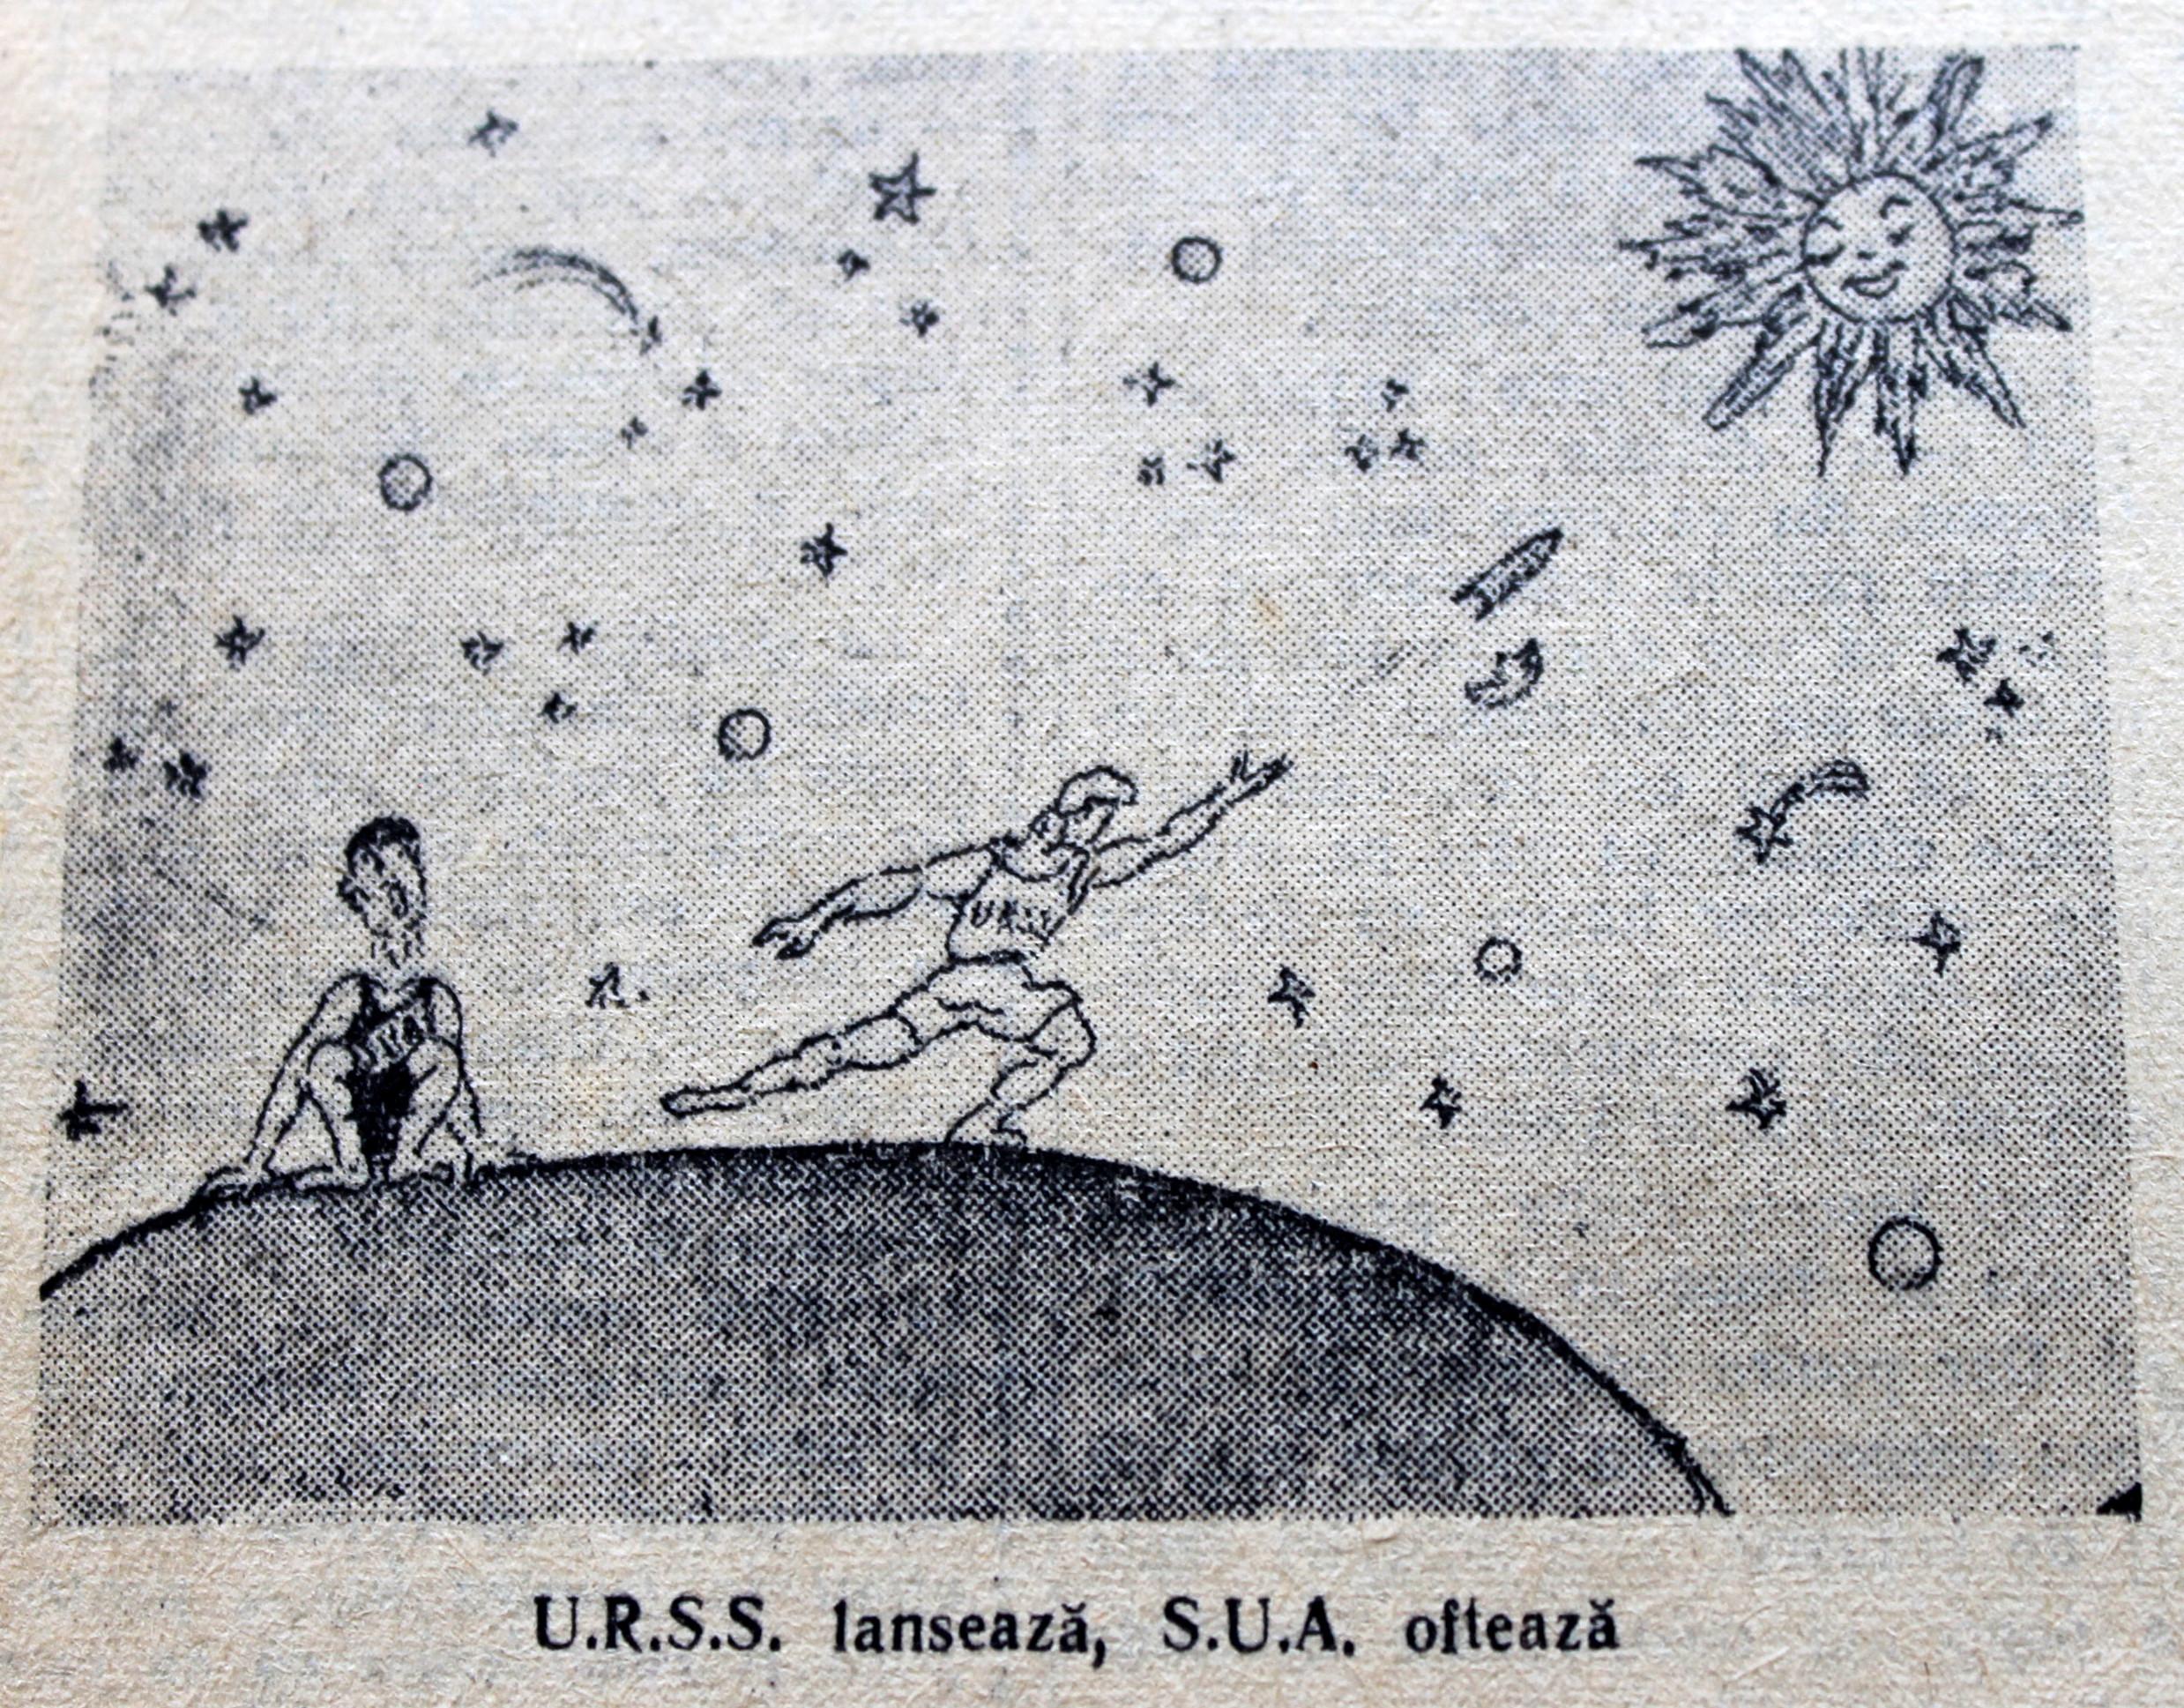 Scînteia Tineretului Racheta Cosmică Sovietică va deveni prima planetă artificială (13)